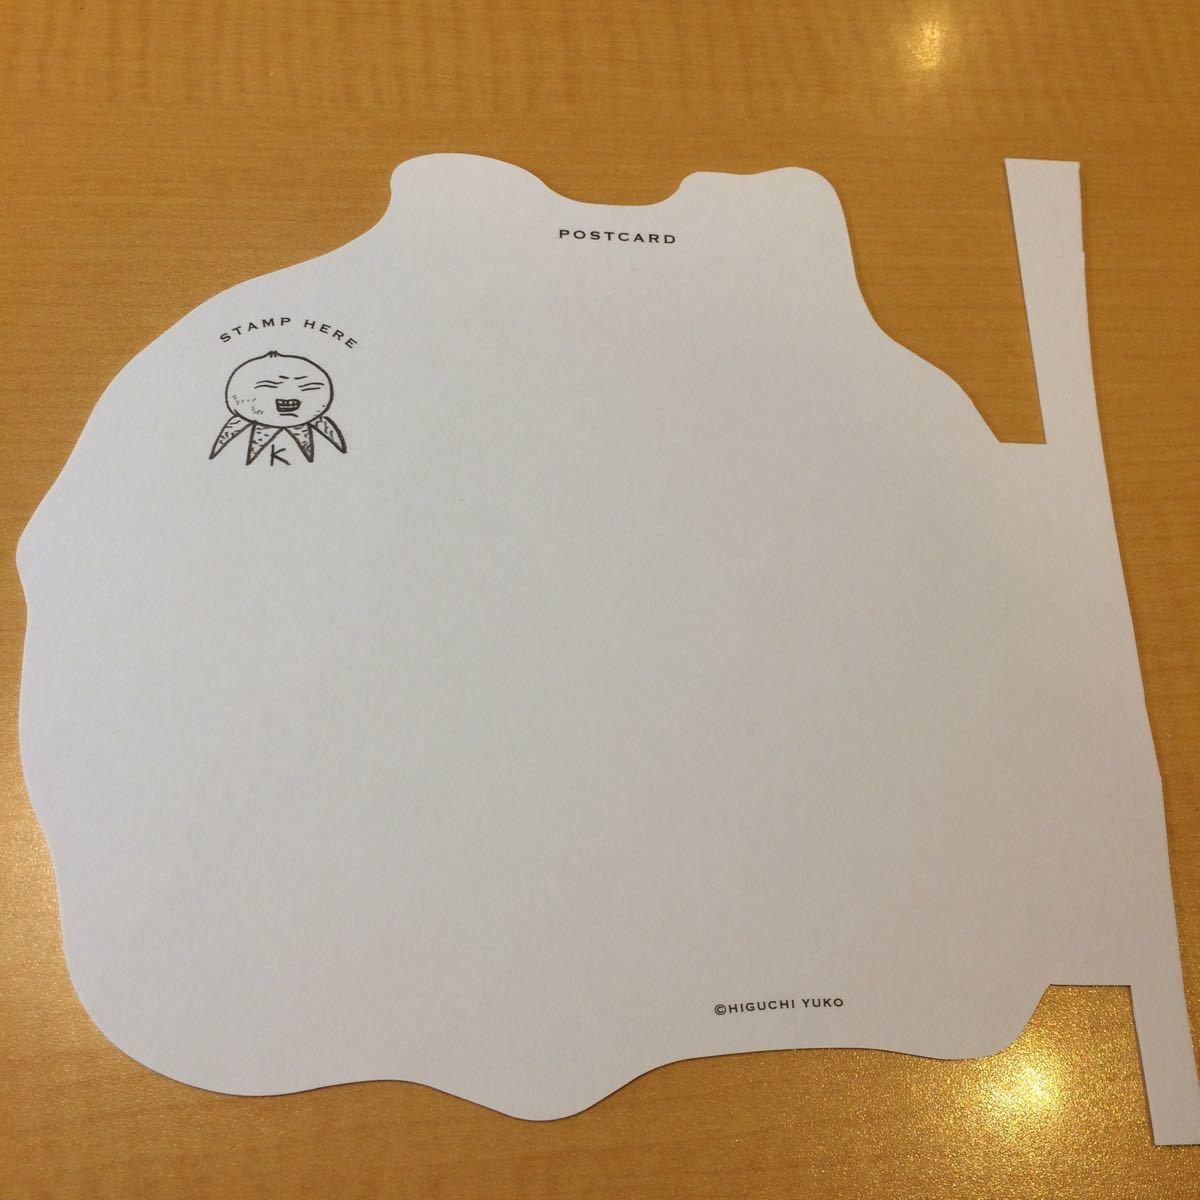 ヒグチユウコ 型抜きポストカード K アルファベット 葉書 ハガキ はがき メッセージカード ネコ 猫 ねこ 動物 イニシャル_画像2